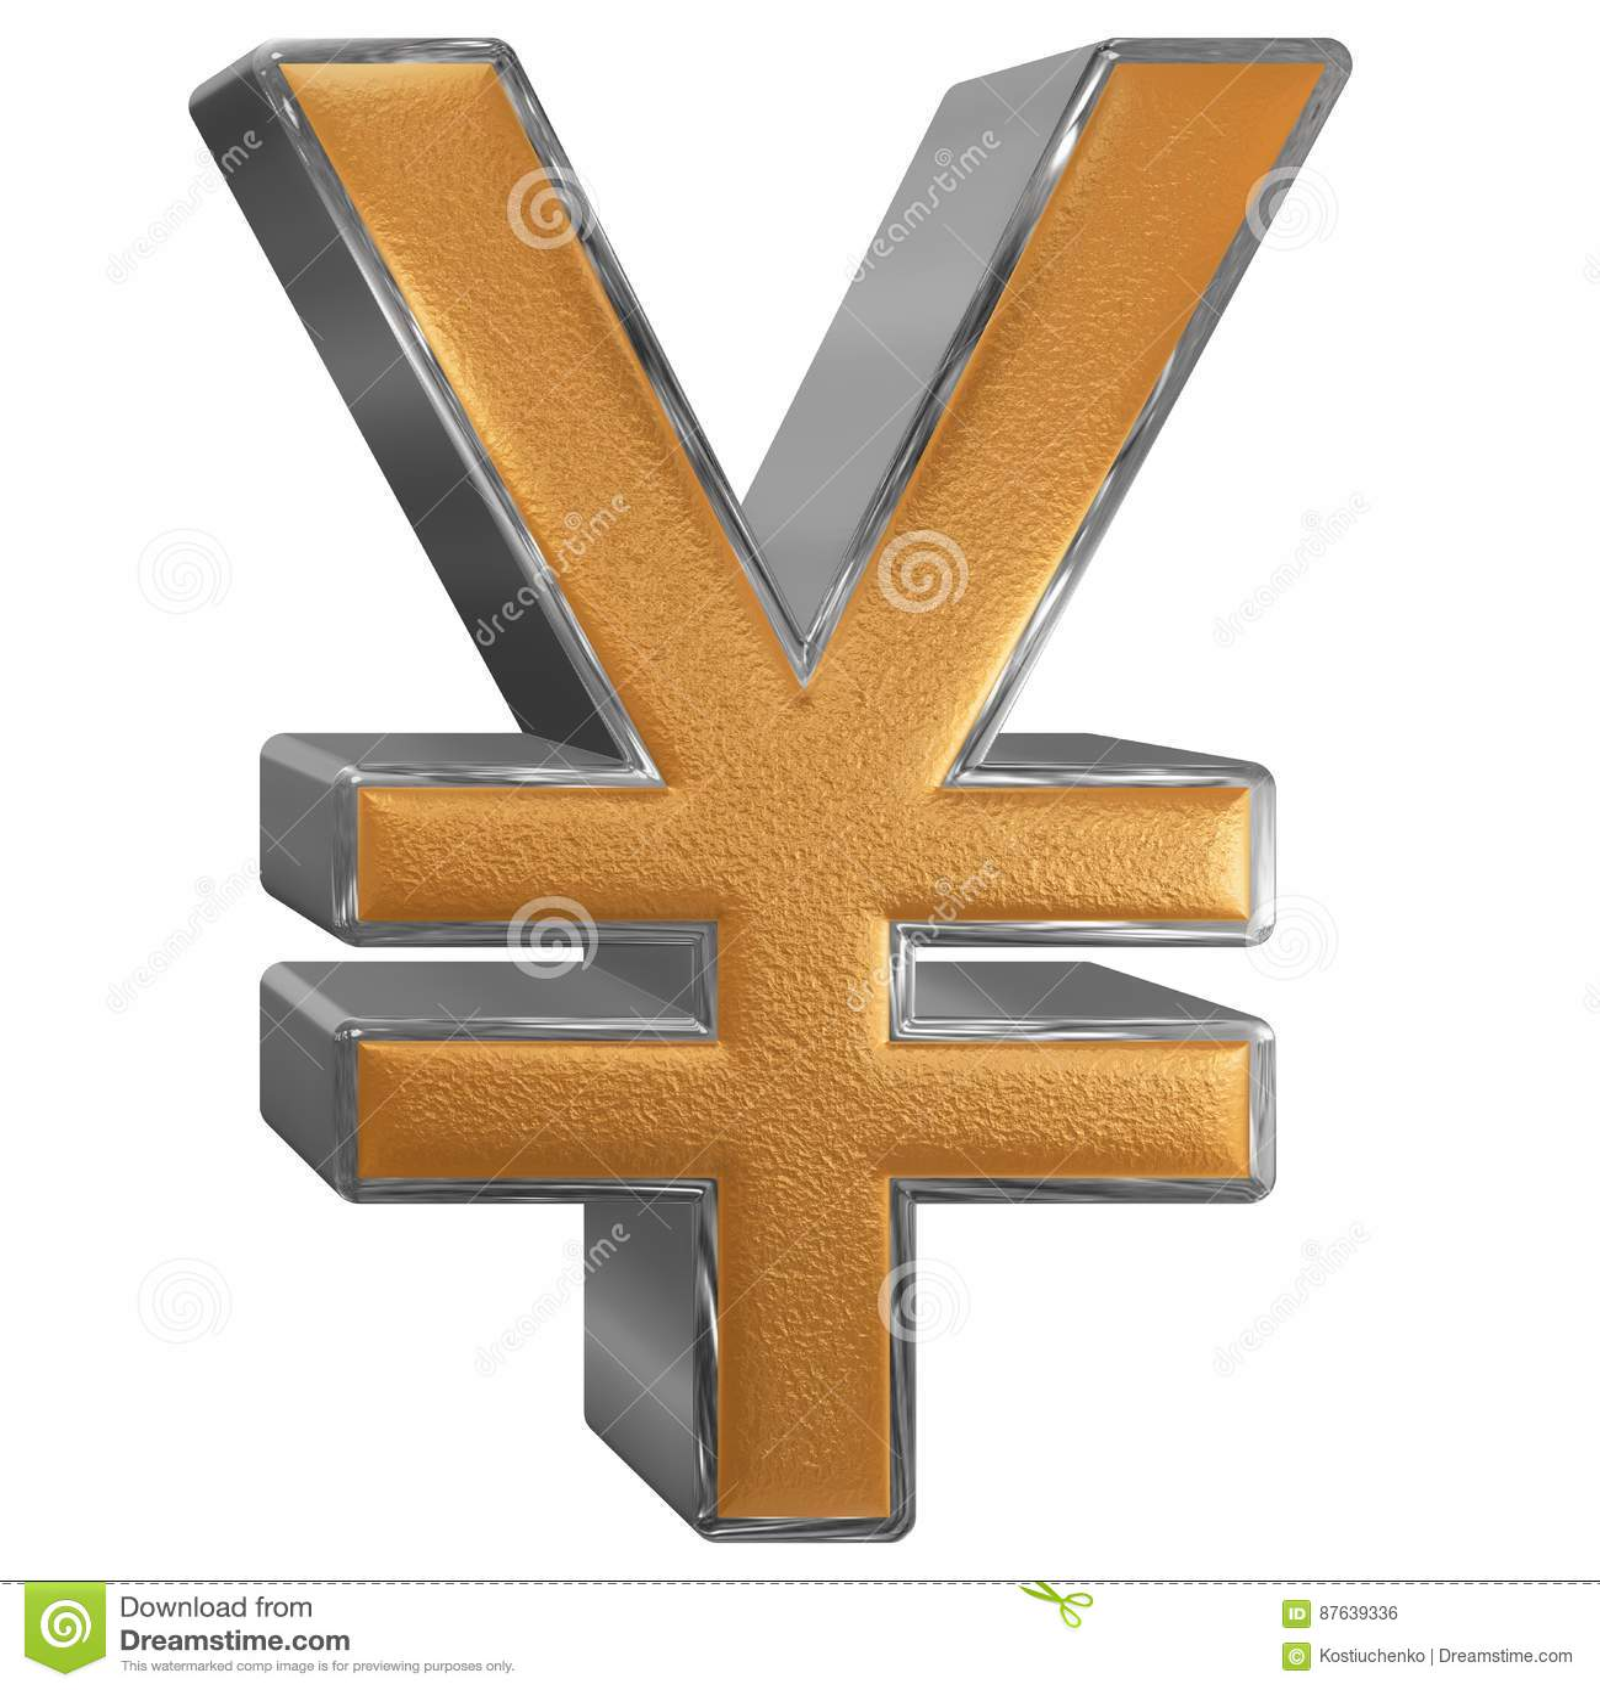 Symbol Of Japanese Yen, Isolated On White Background, 3D Illust